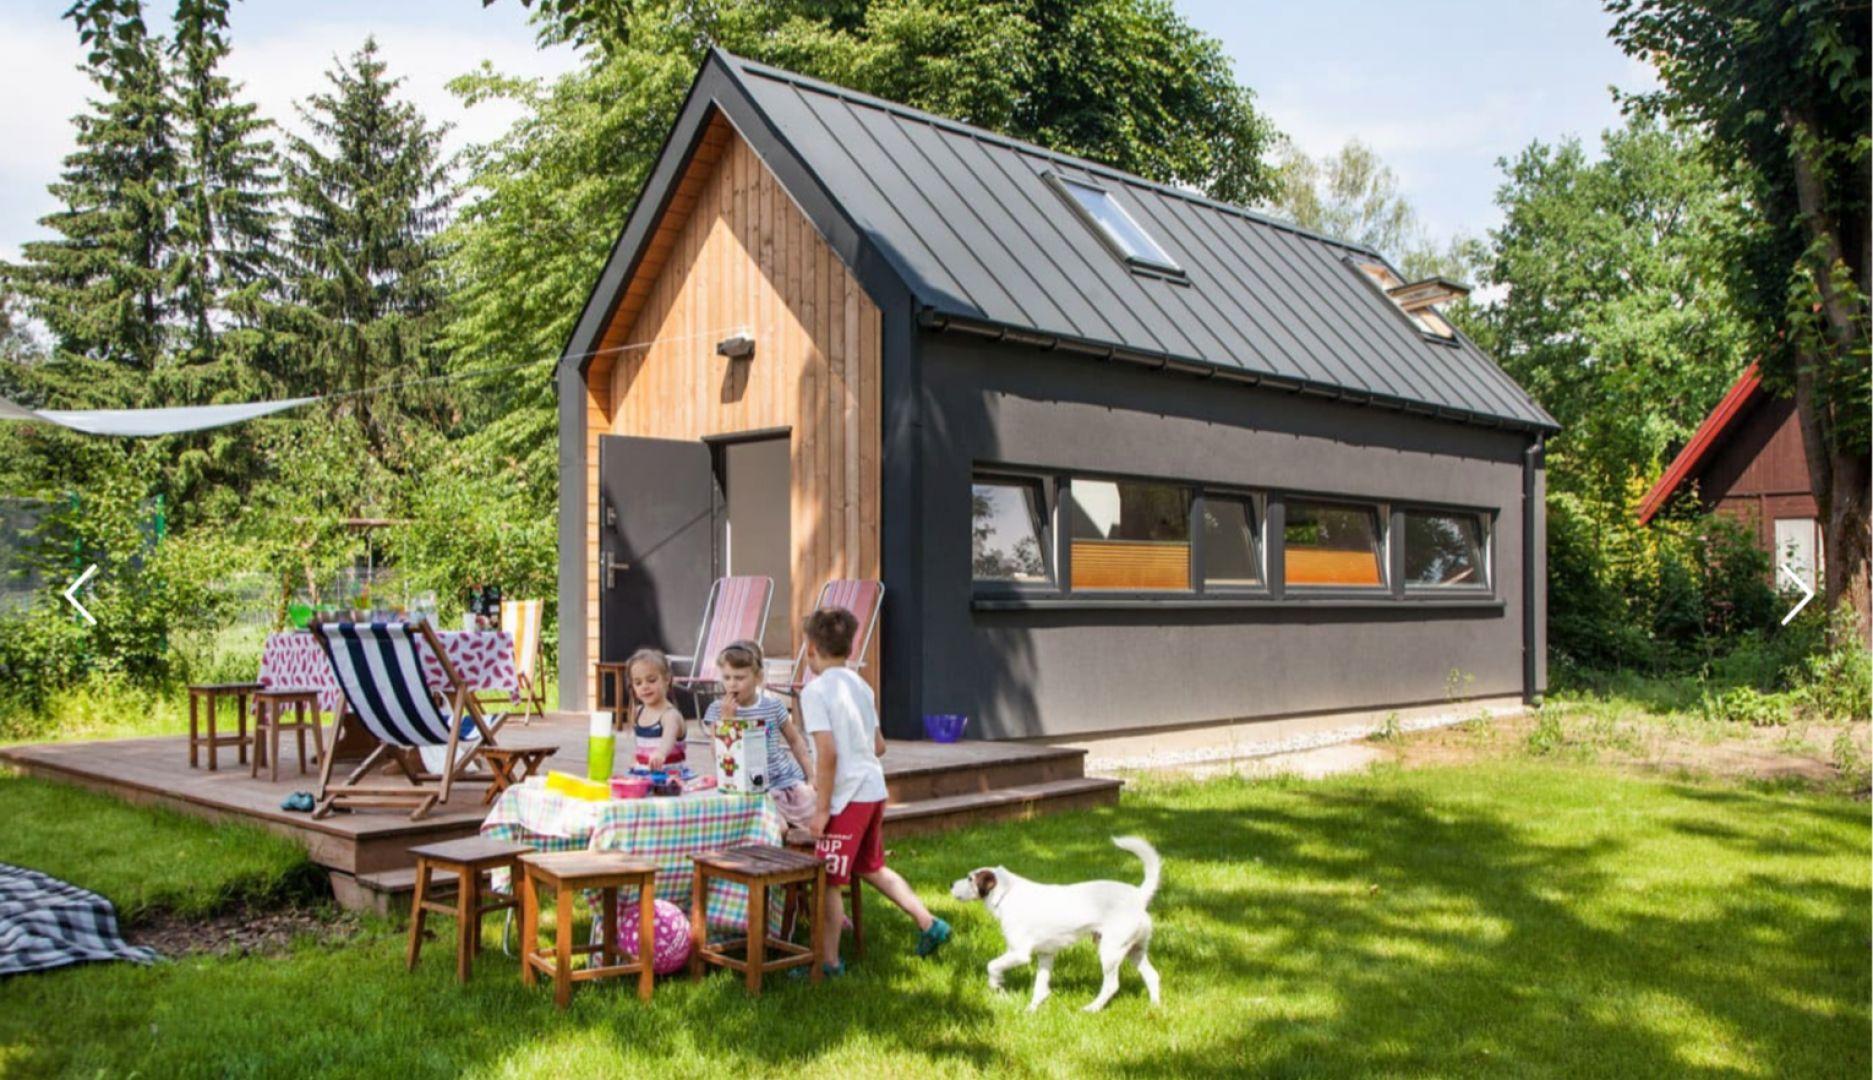 Gotowy dom szkieletowy Sim. Powierzchnia: 35 m2, z możliwością powiększenia o taras 12 m2. Autorzy projektu: Simple House